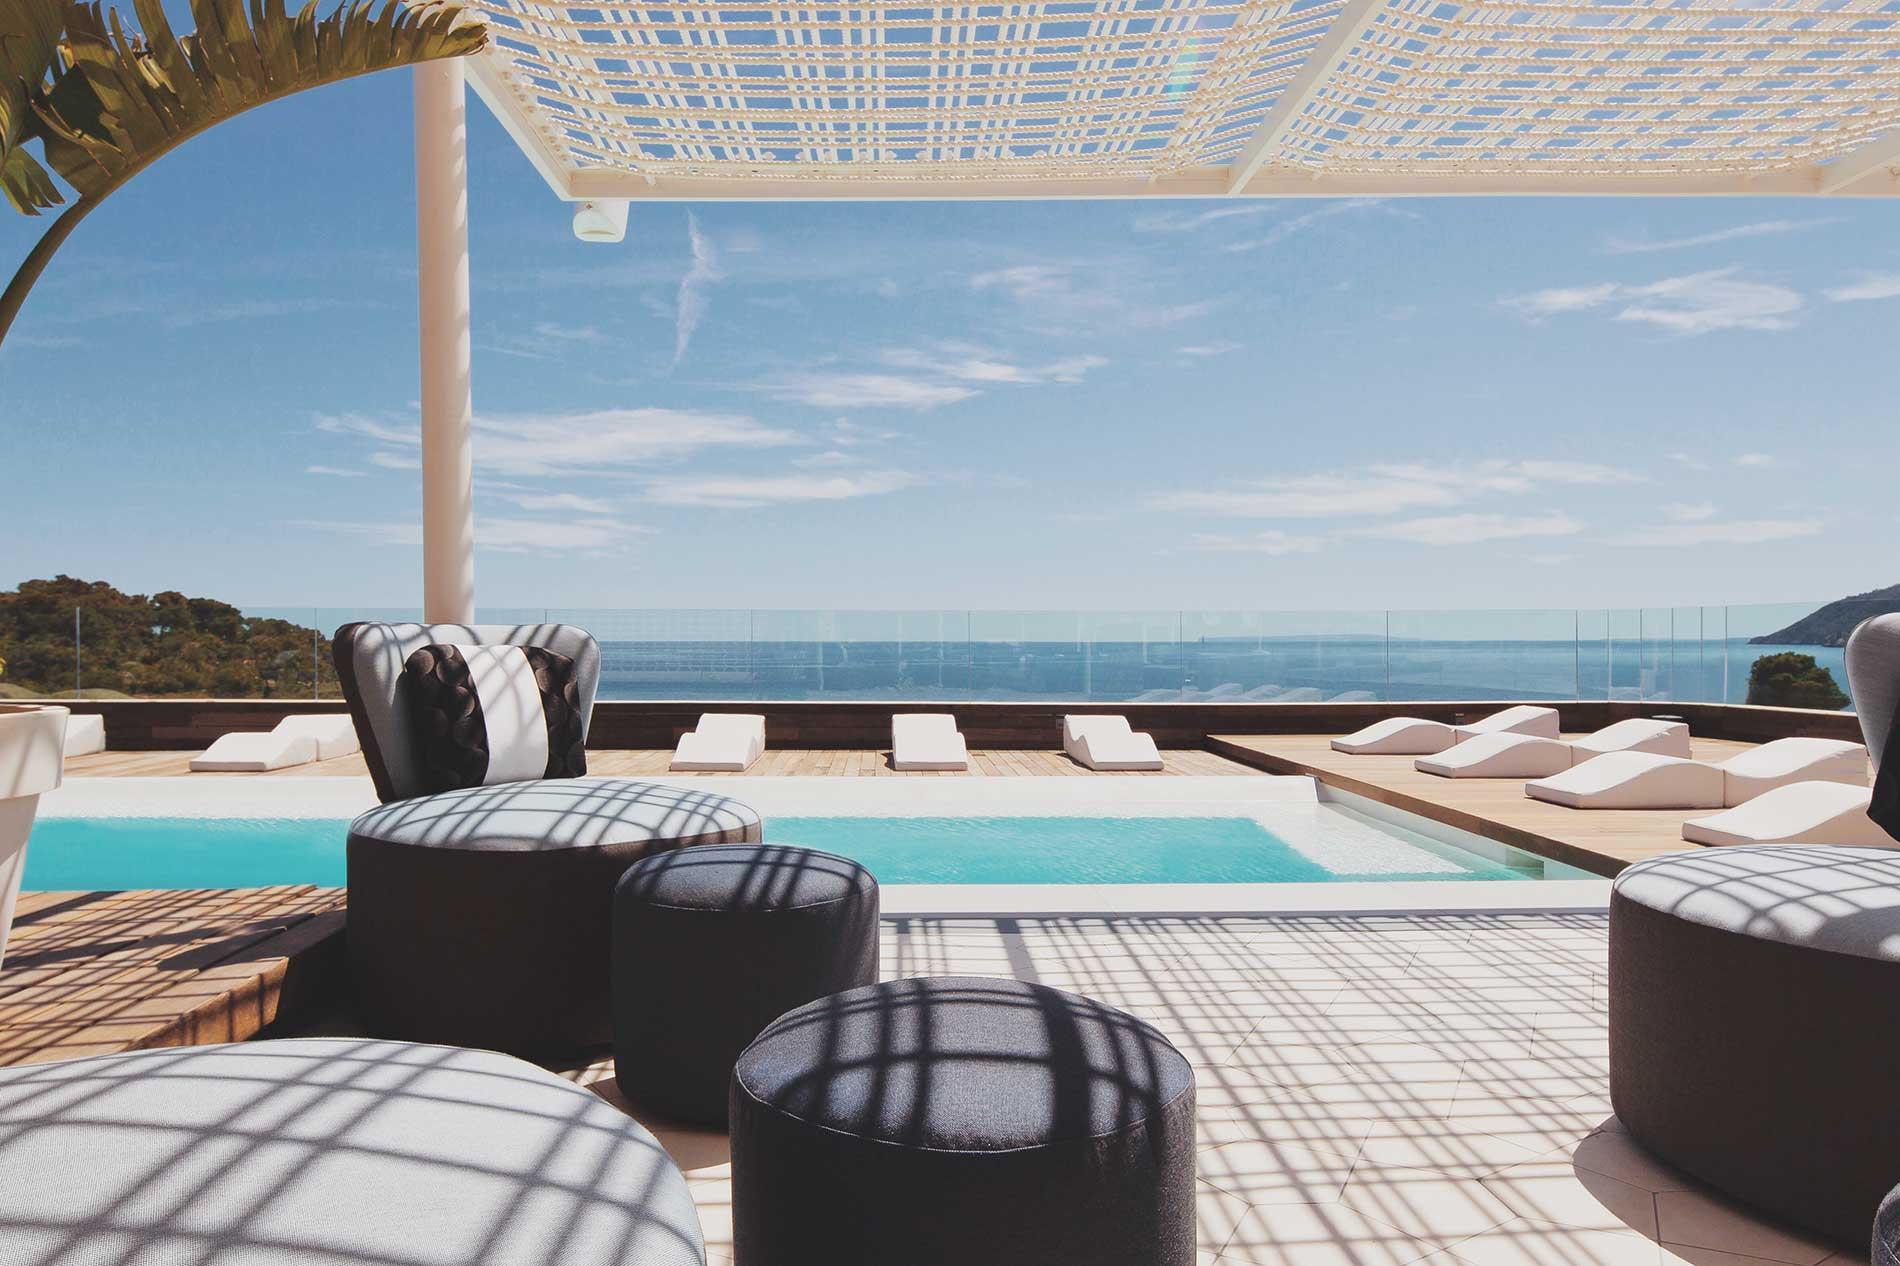 aguasdeibiza-top-piscina-002-w3